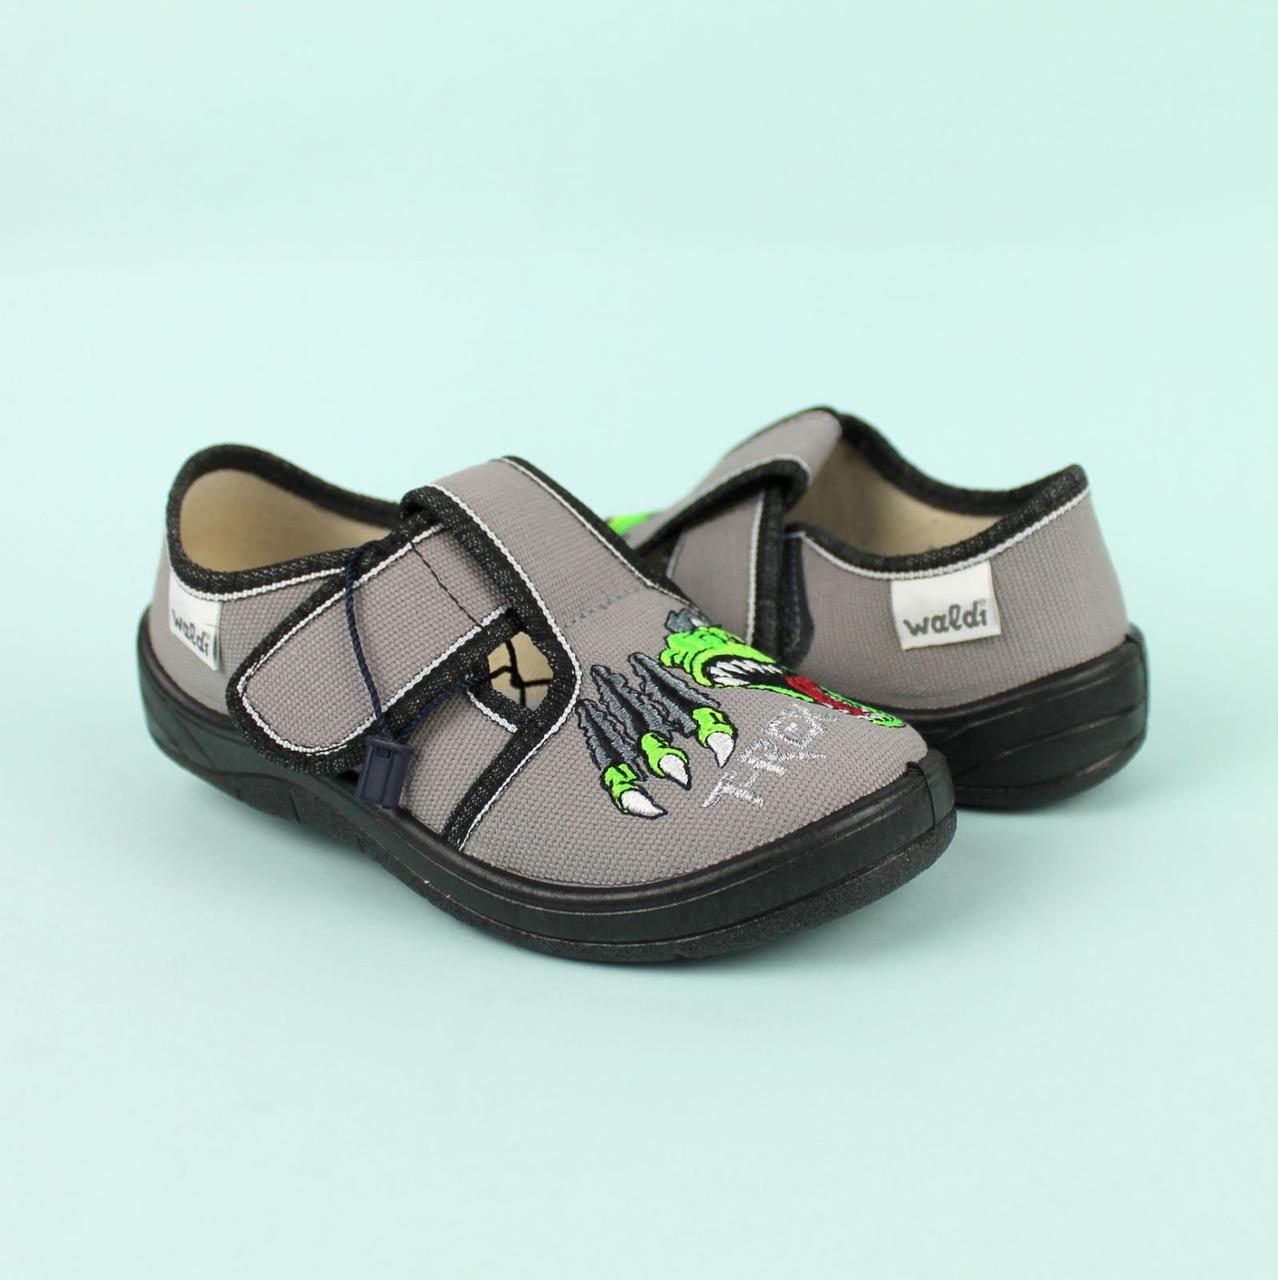 Детские текстильные туфли тапочки для мальчика, Гриша серый T-Rex тм Waldi размер 24,25,26,27,28,29,30